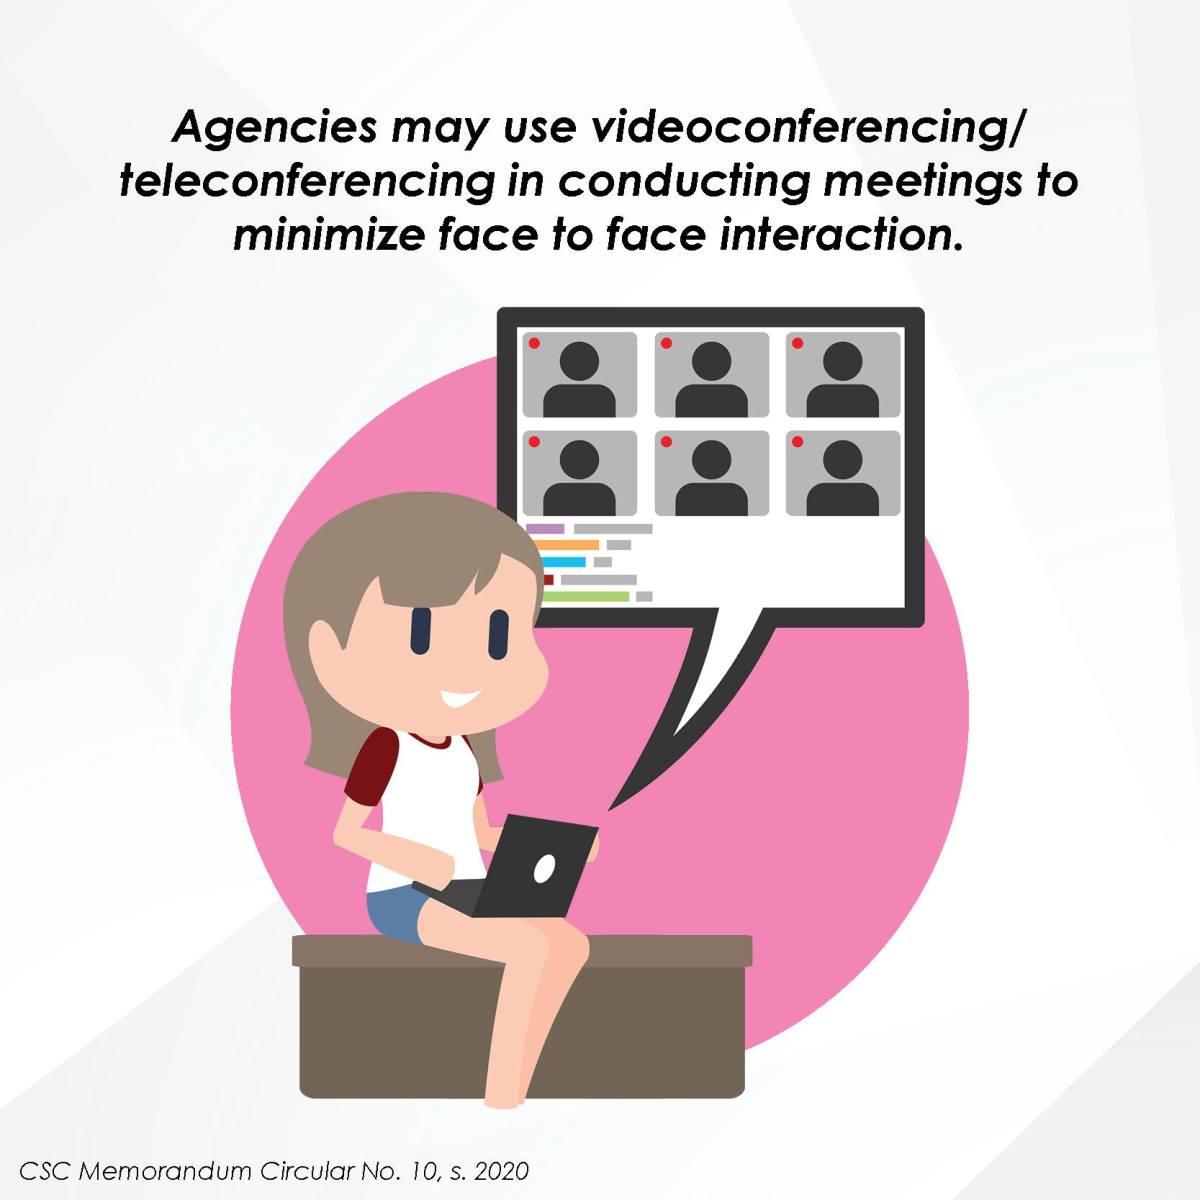 Agencies may use videoconferencing